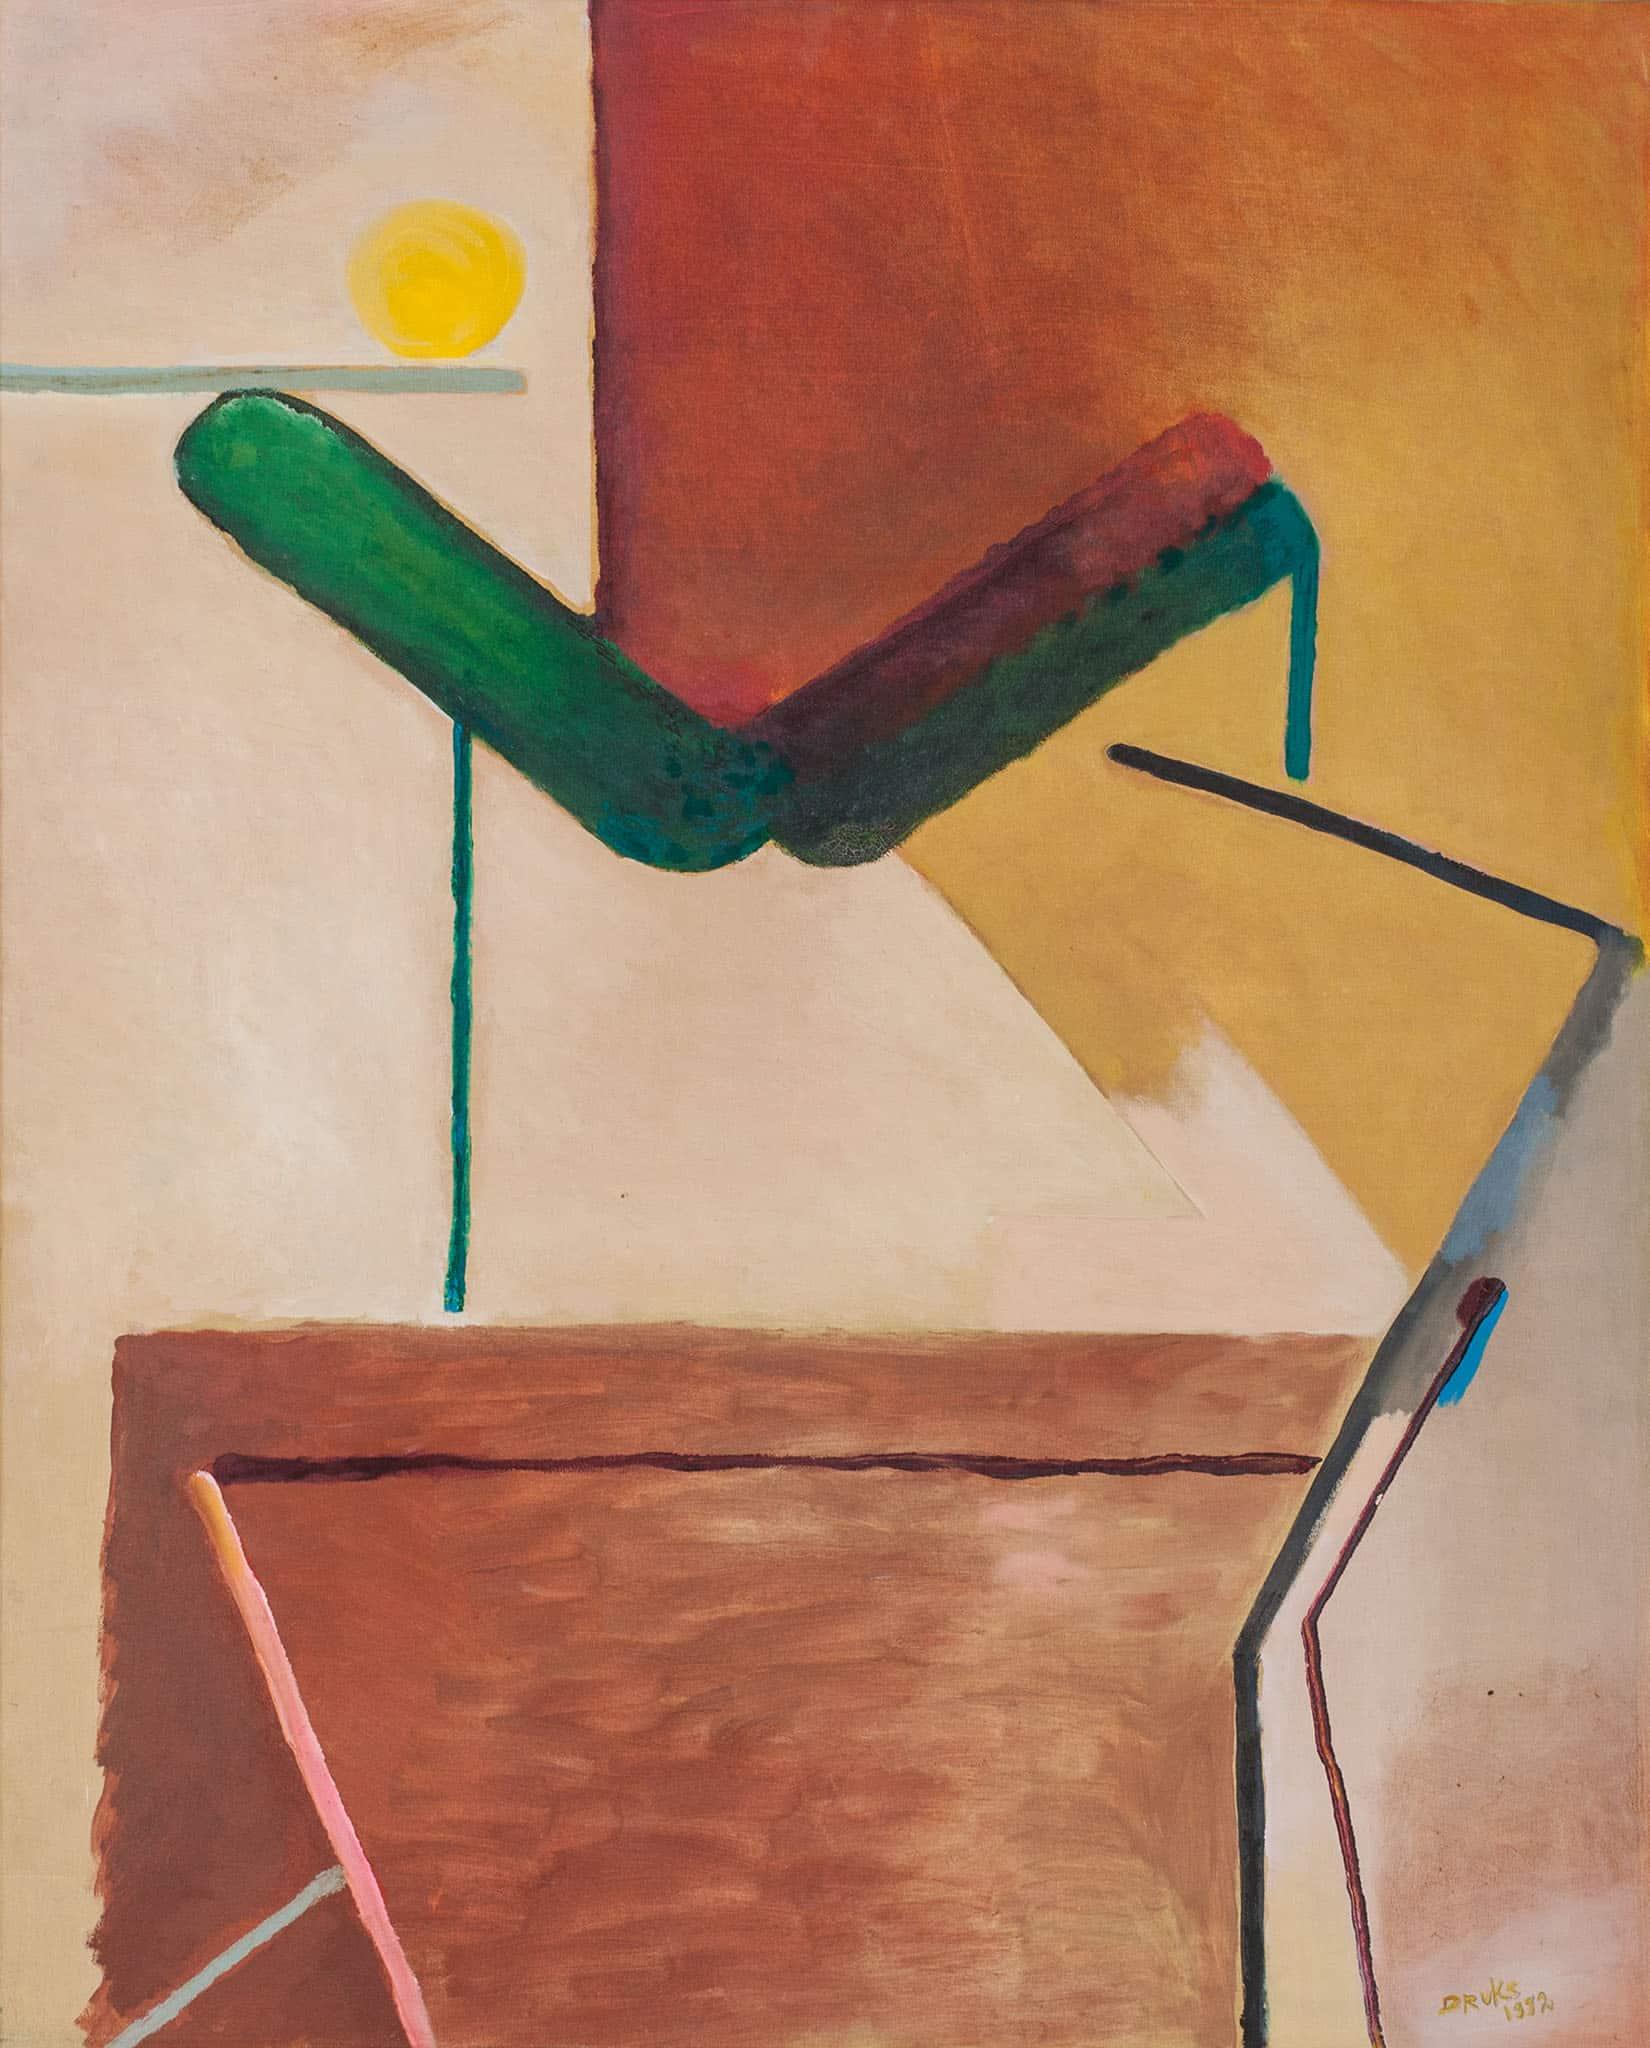 """מיכאל דרוקס, """"ללא כותרת"""", 1992, שמן על בד, 79x98 ס""""מ"""